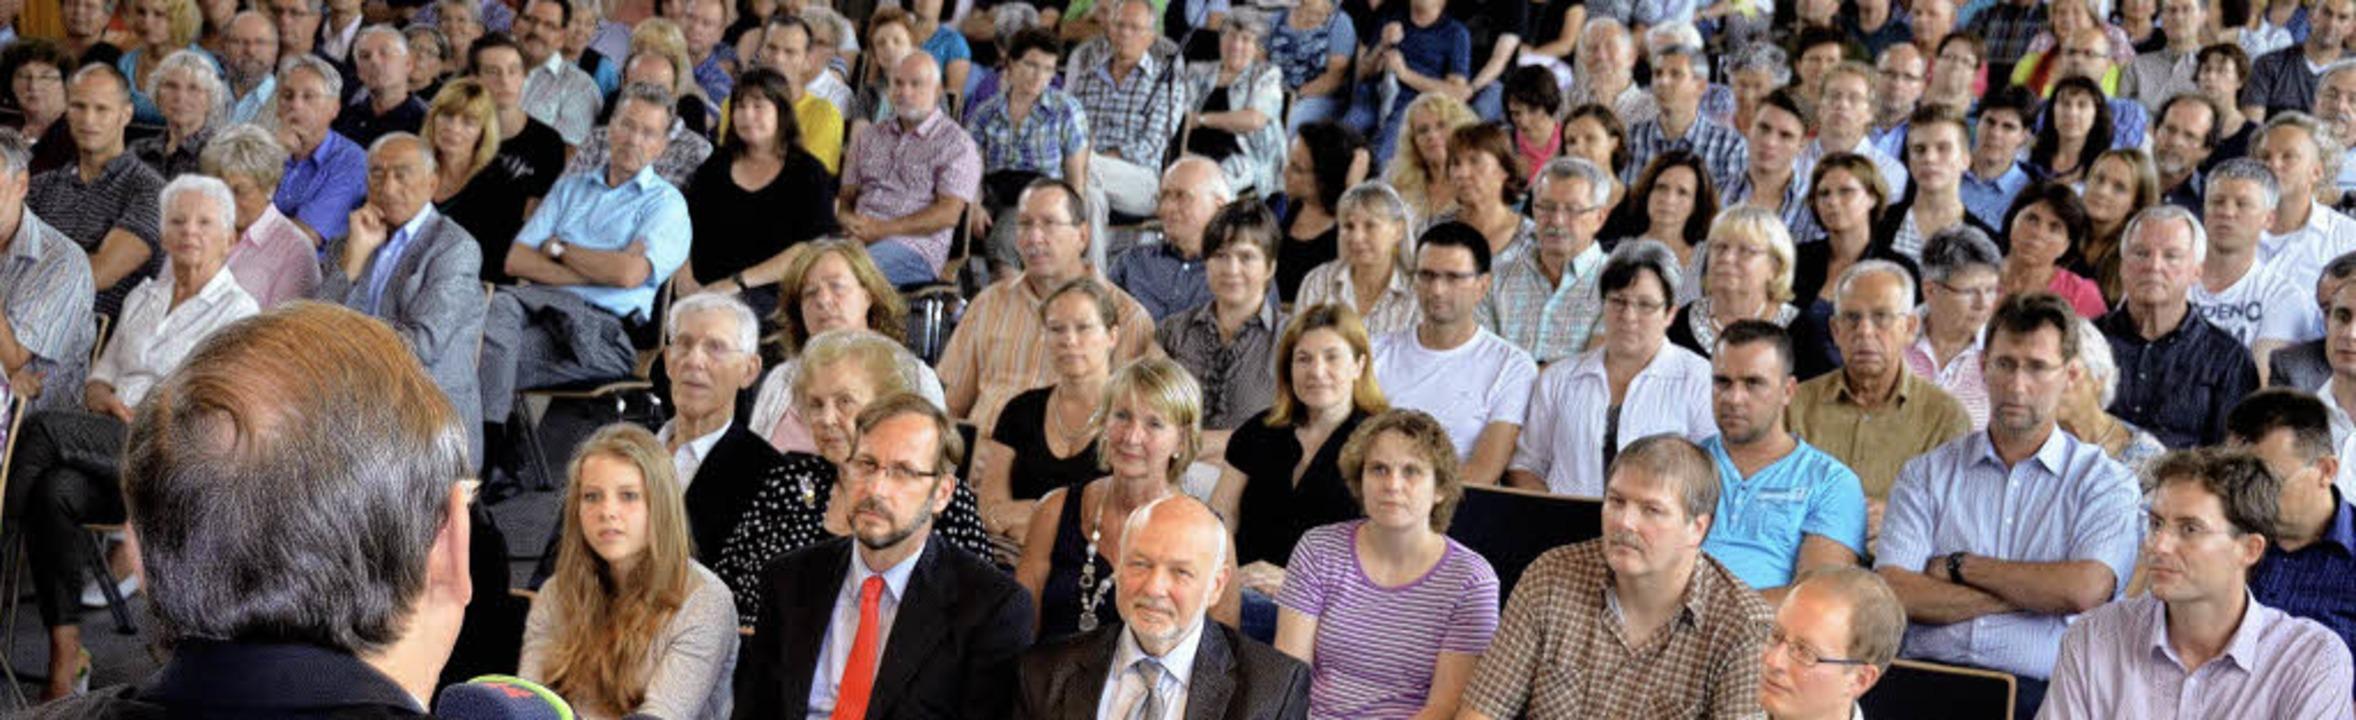 Volle Halle: Groß war das Interesse an...er Bürgermeisterkandidaten in Binzen.   | Foto: Markus Maier